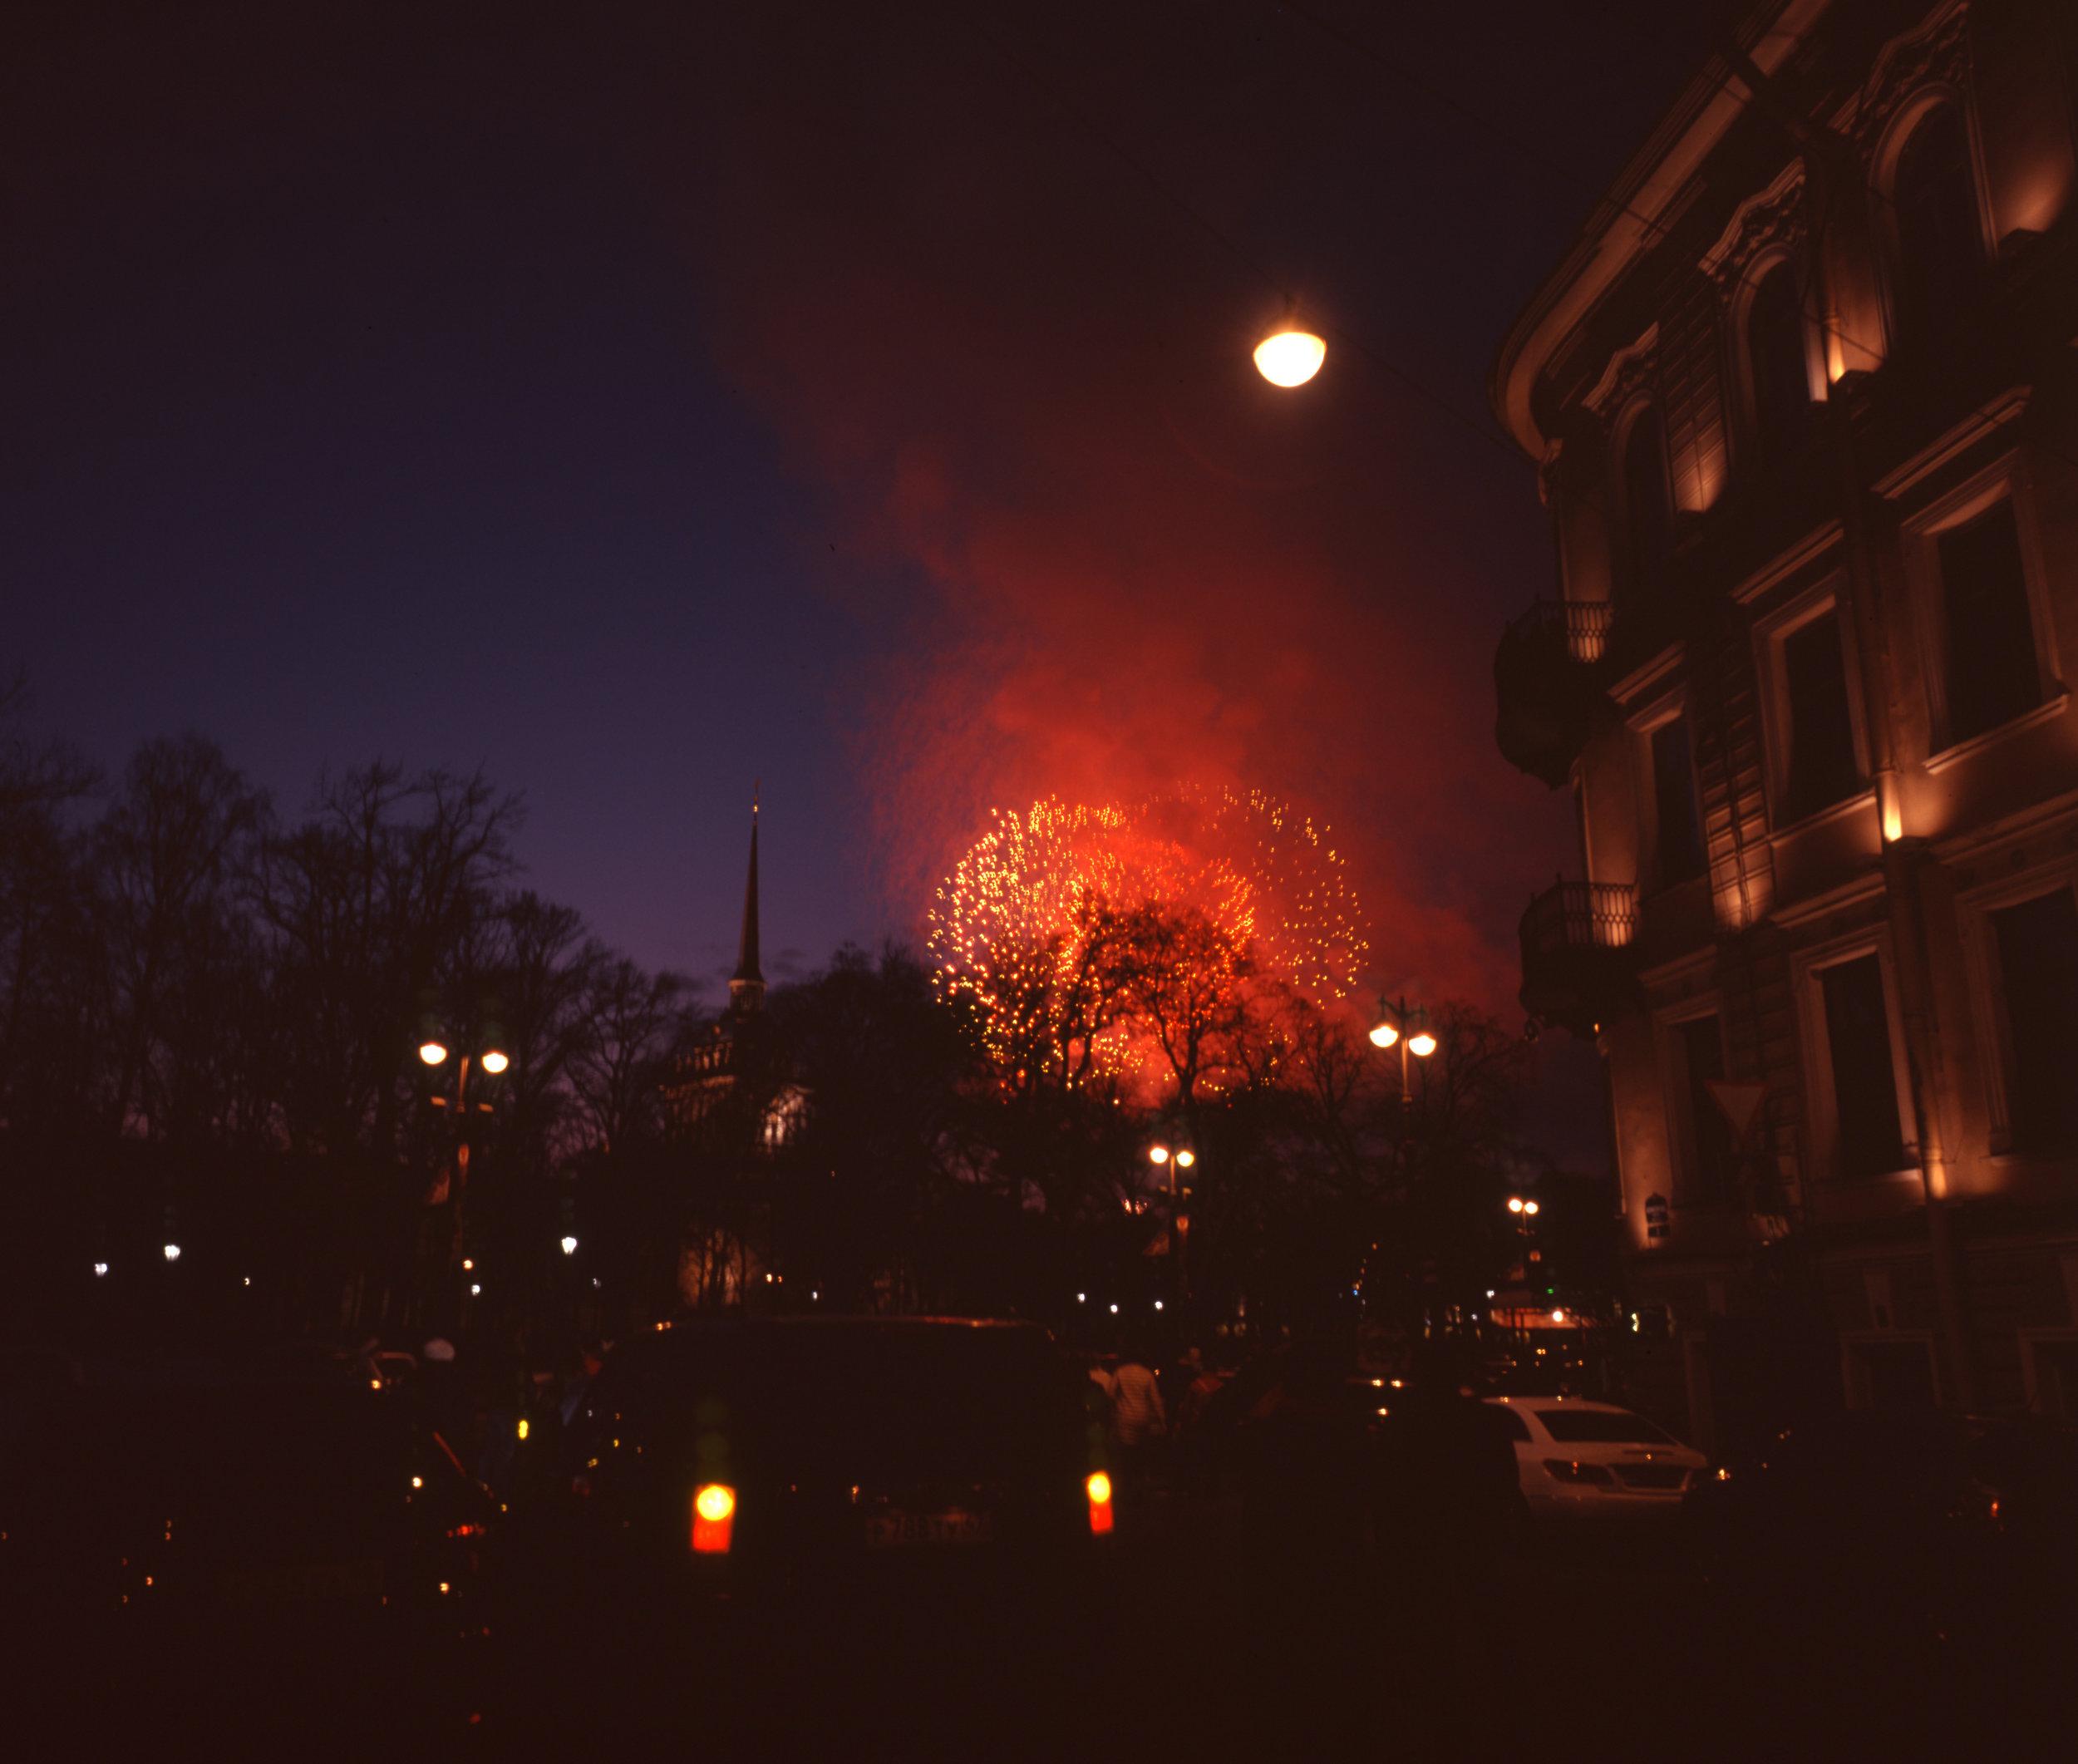 Midnight Fireworks Fuji GF670w   Fuji Astia 100f